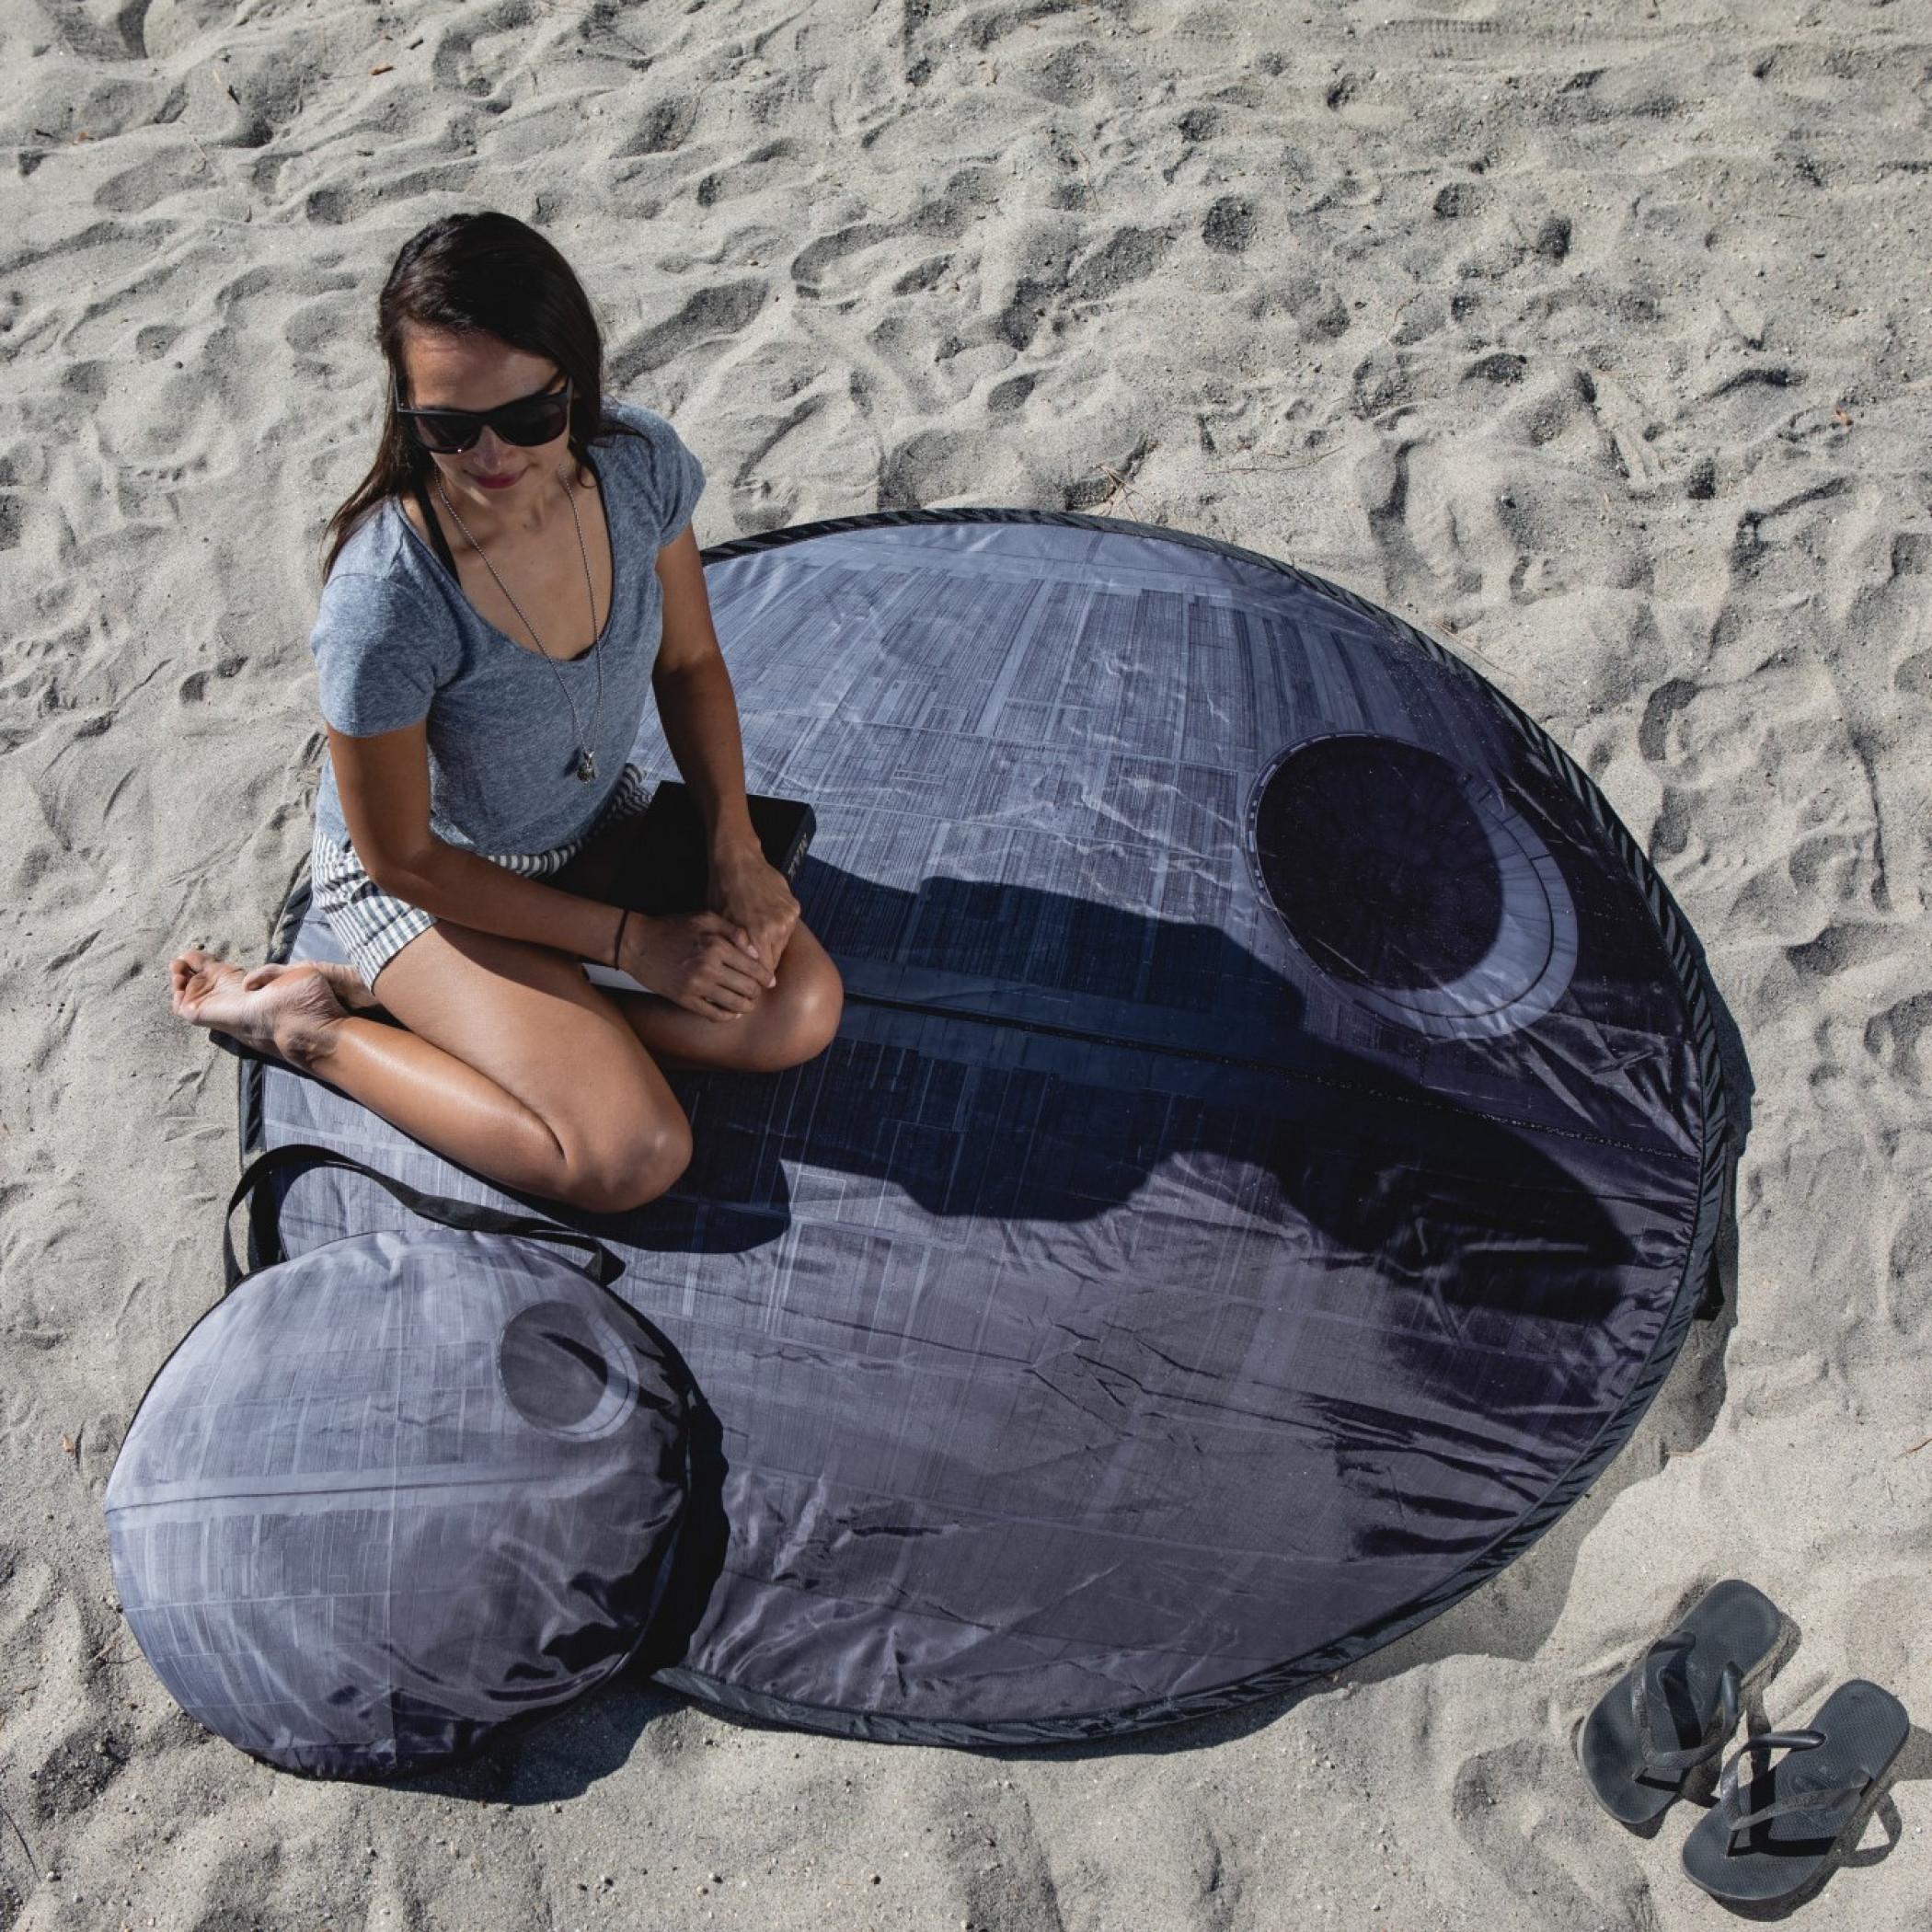 Star Wars Death Star Pop-Up Picnic & Beach Blanket